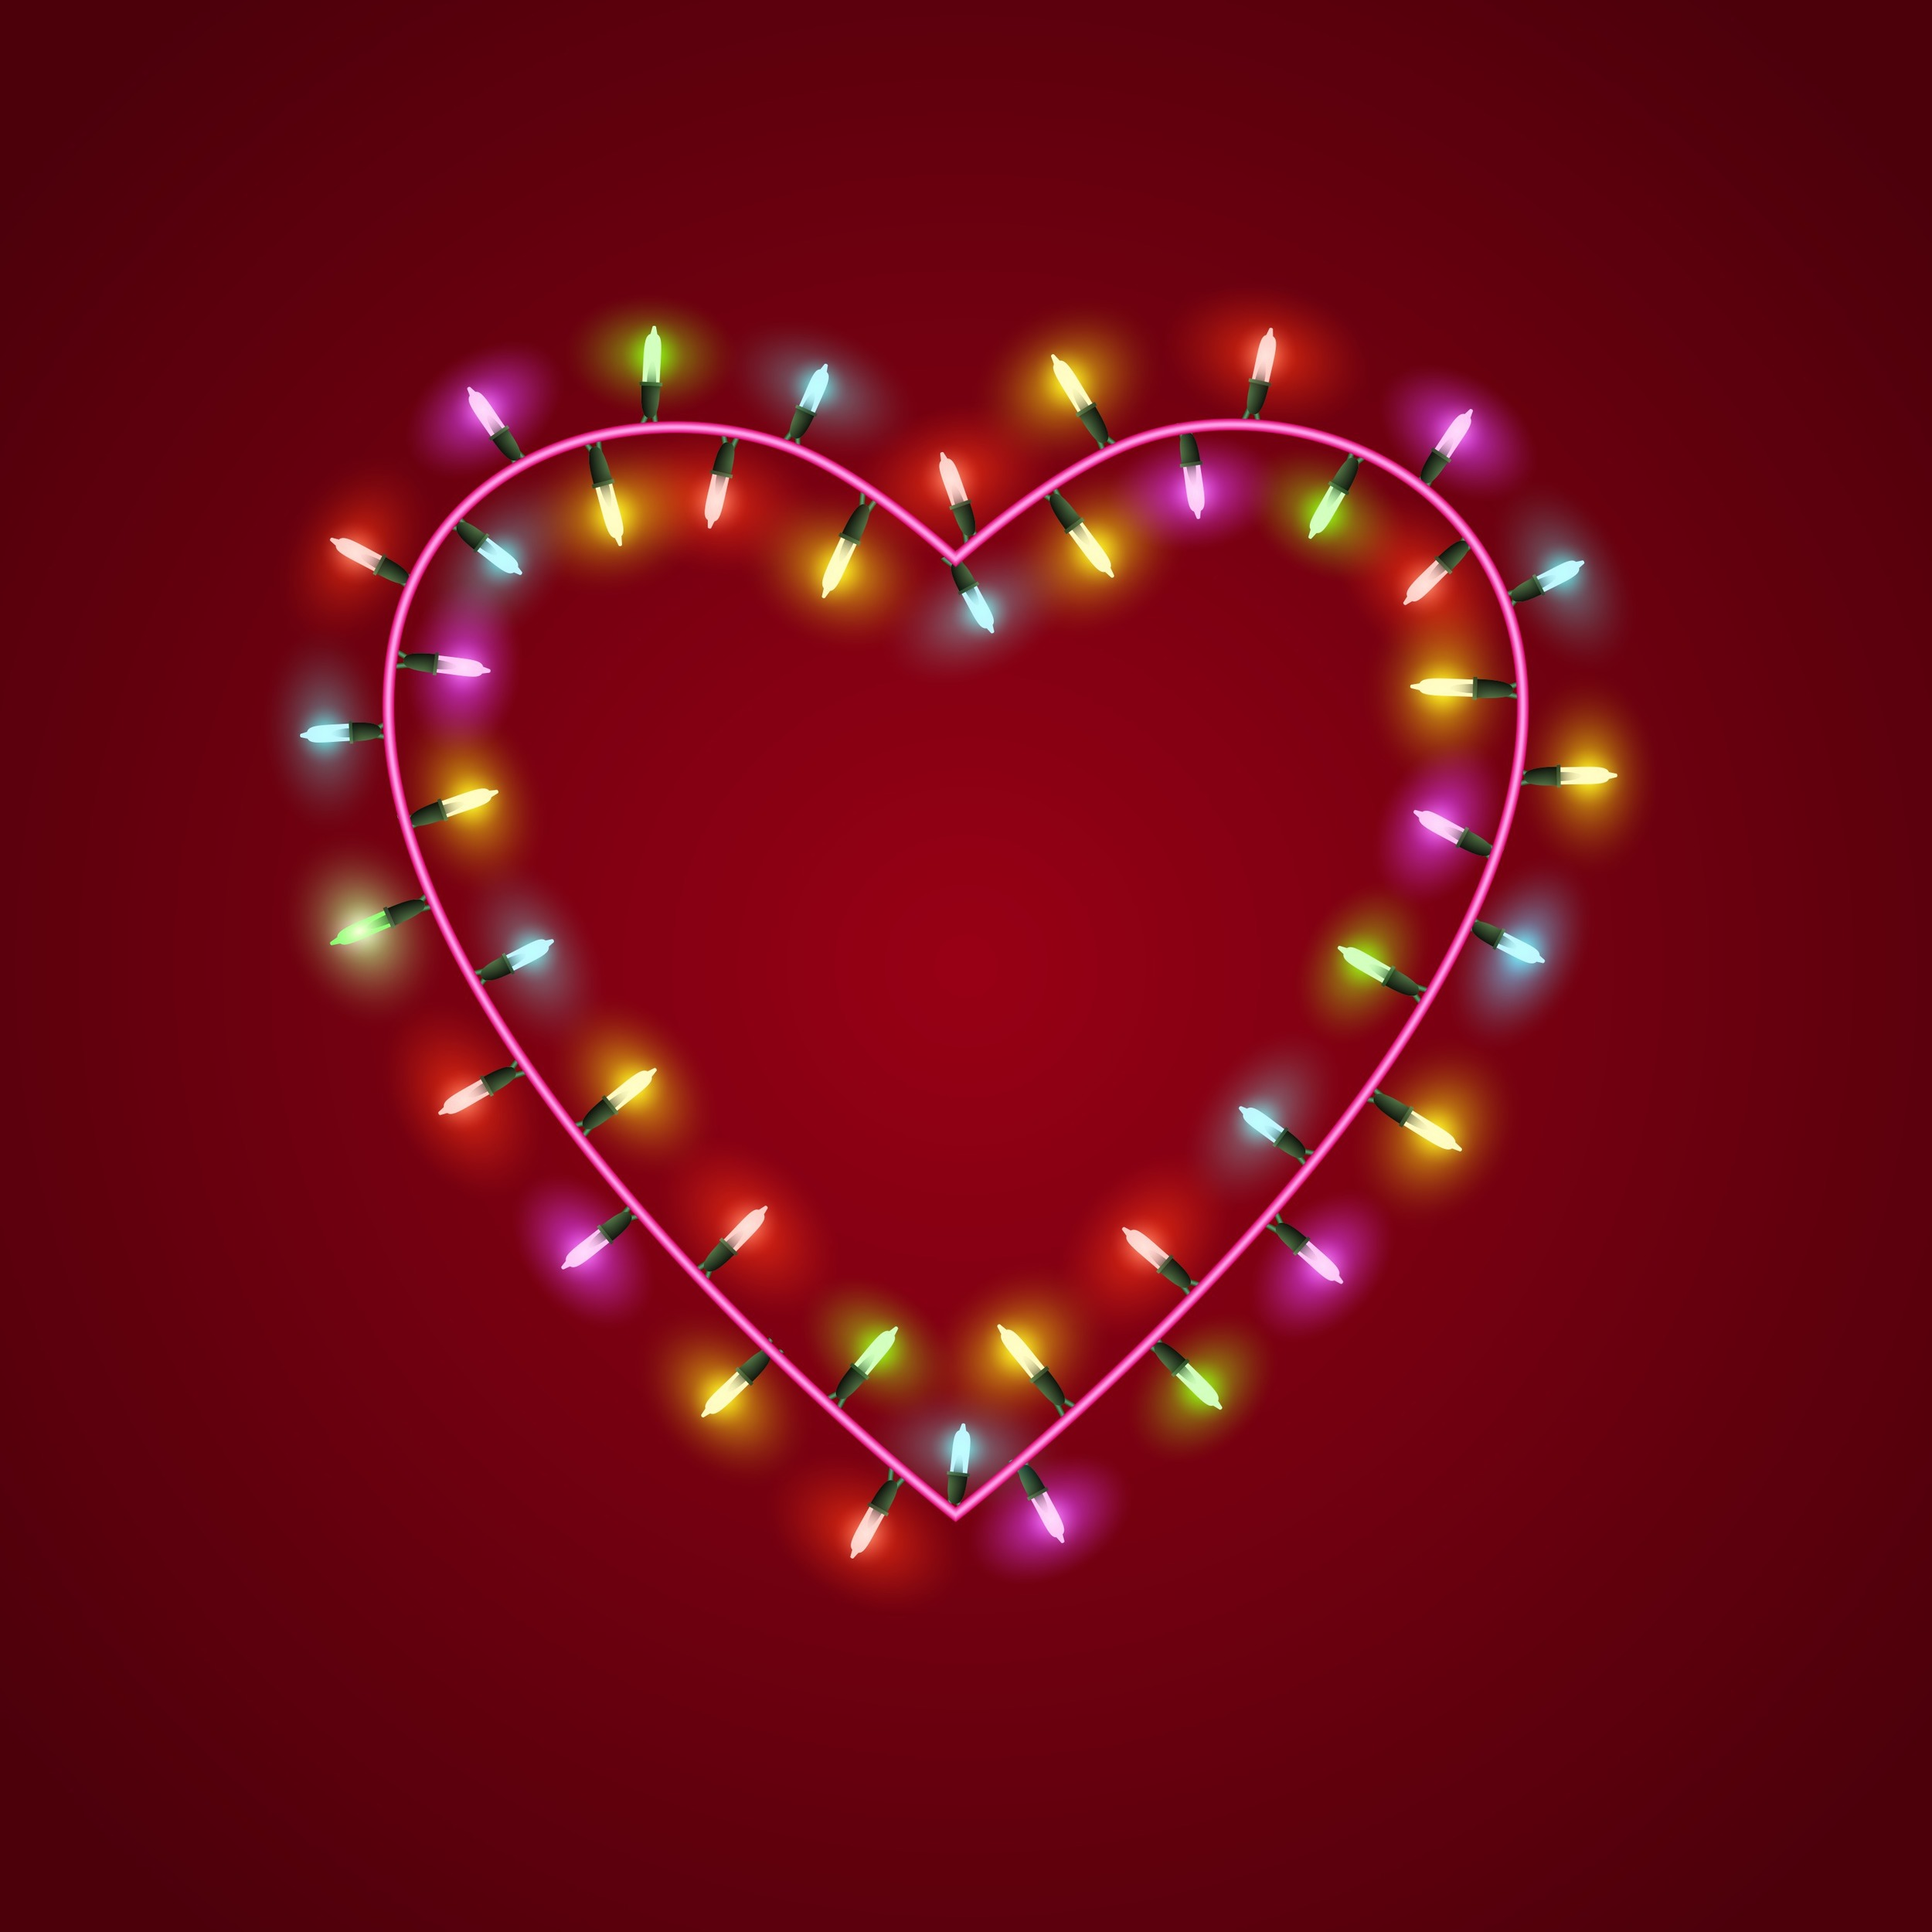 heart-shaped-garland-lights_fy_DDAUd_L.jpg